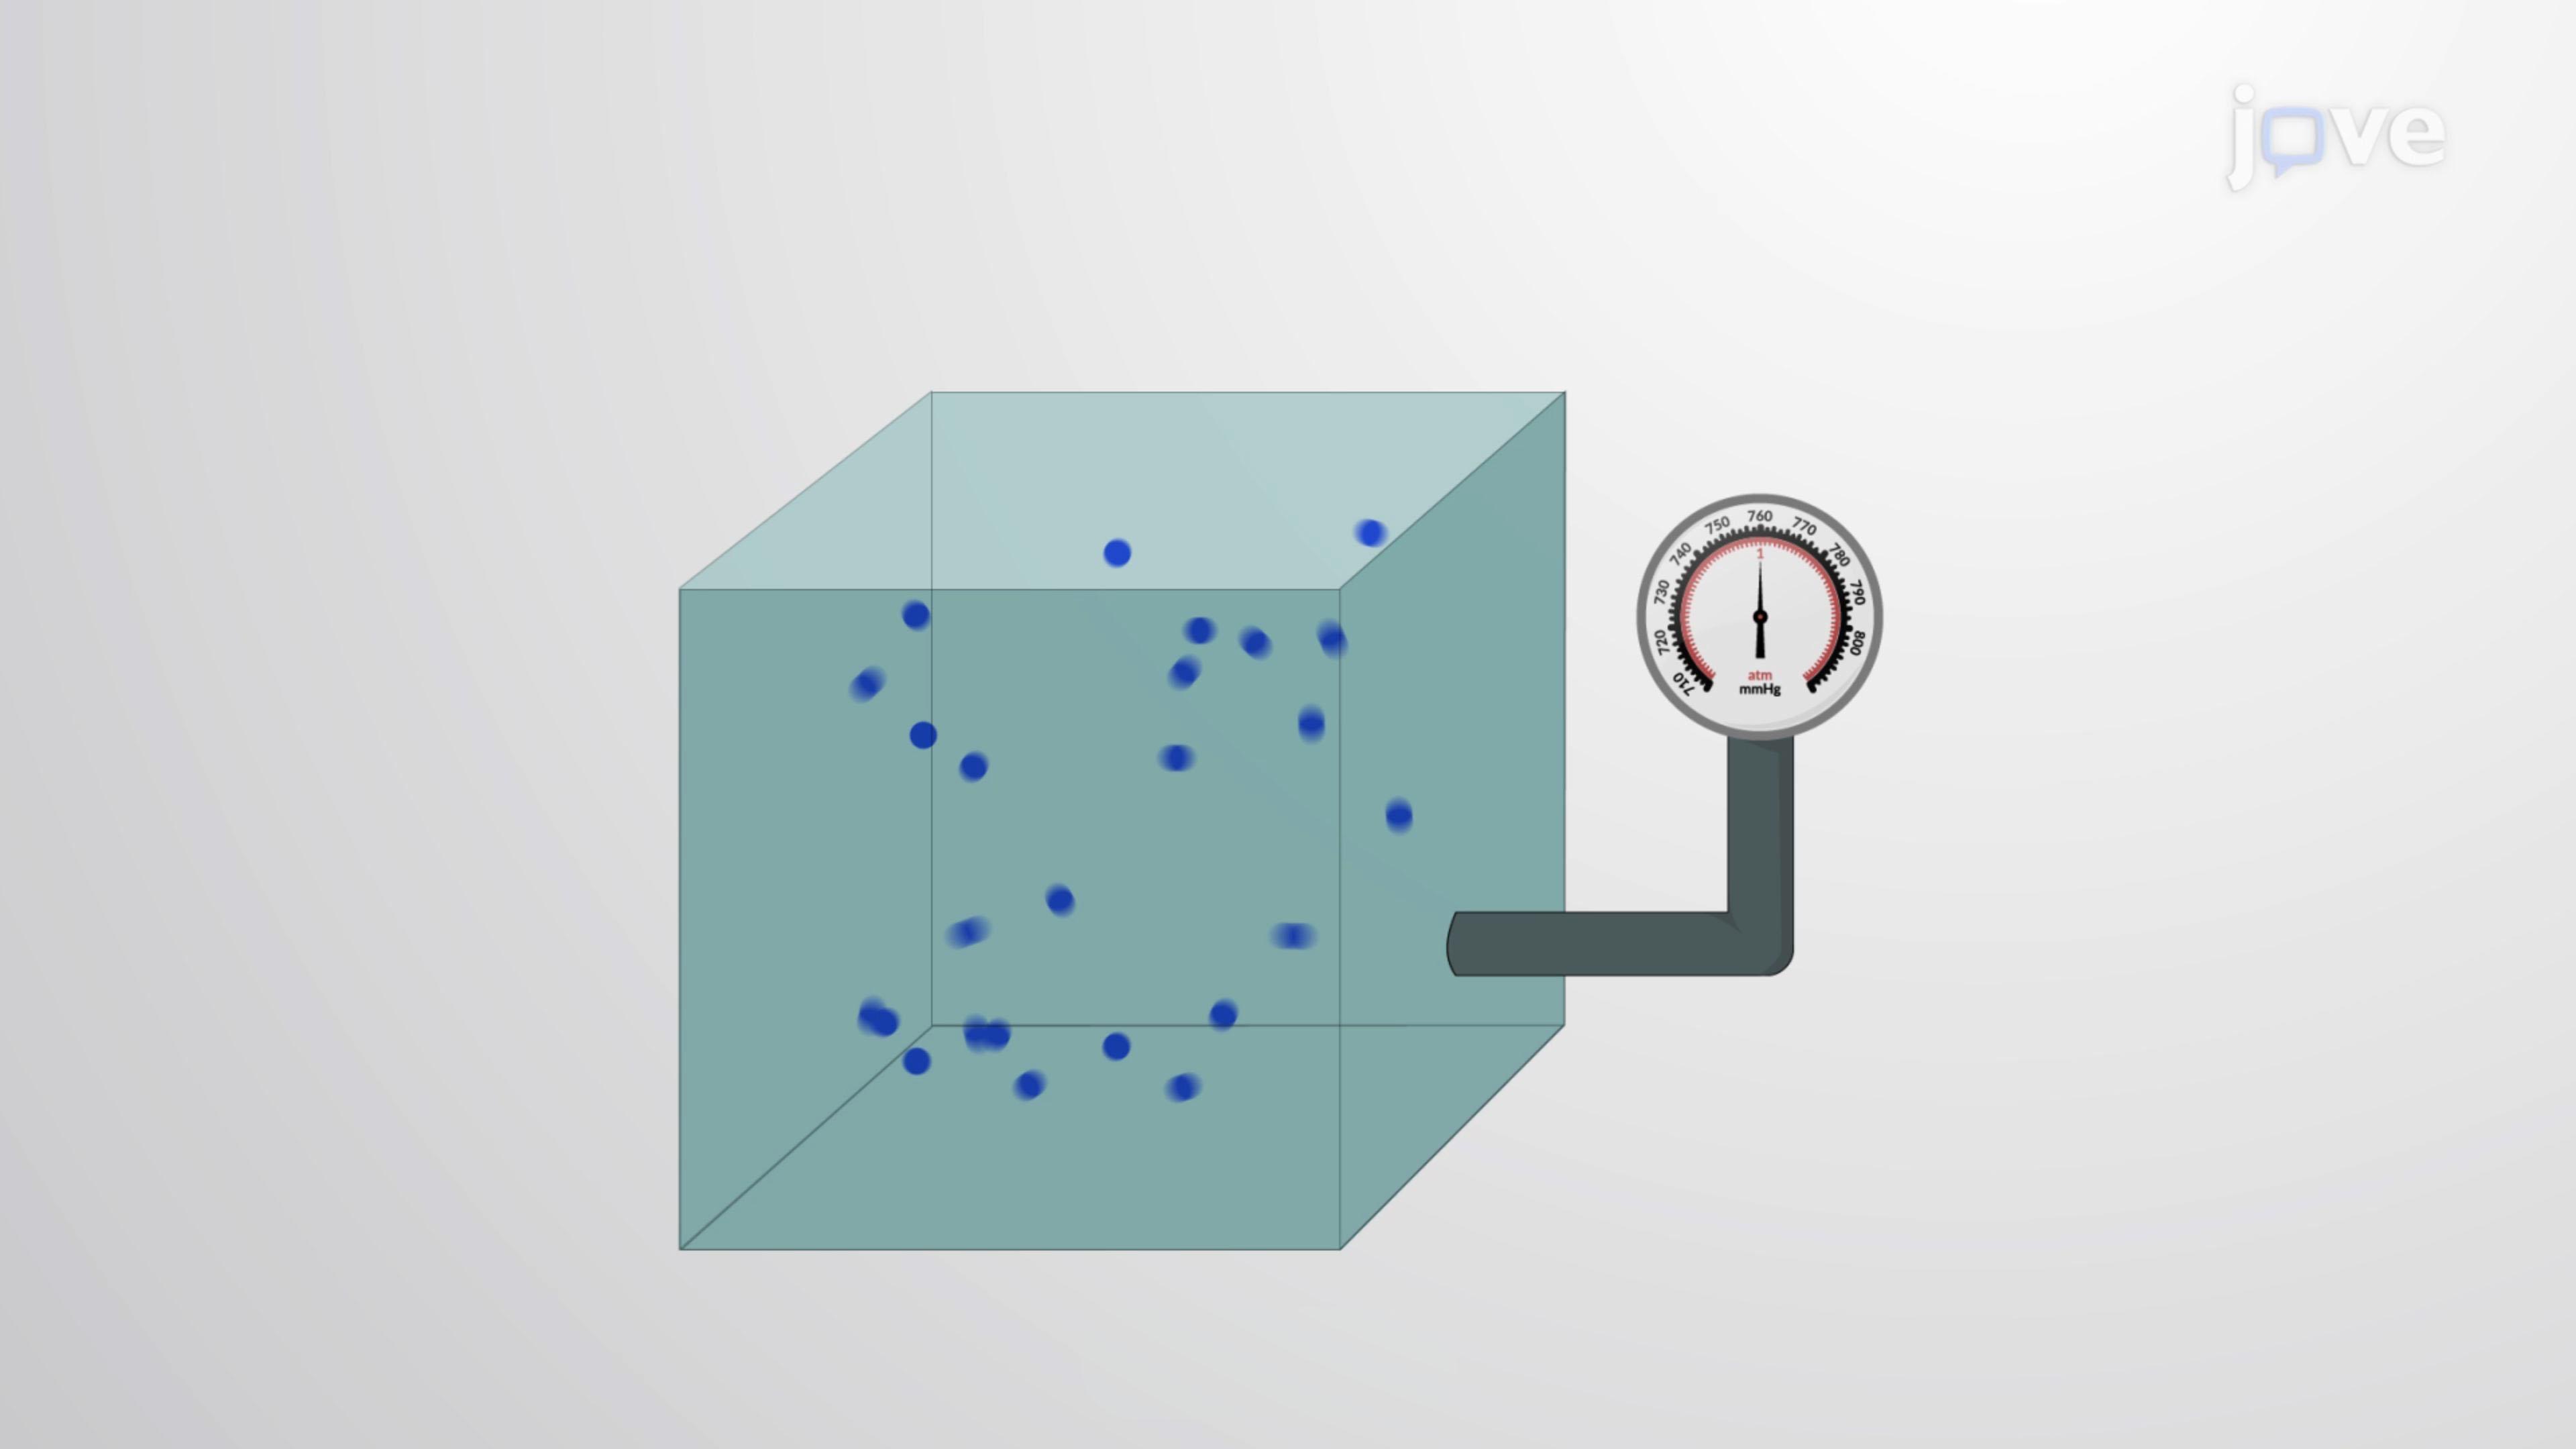 气体混合物 - 道尔顿分压定律